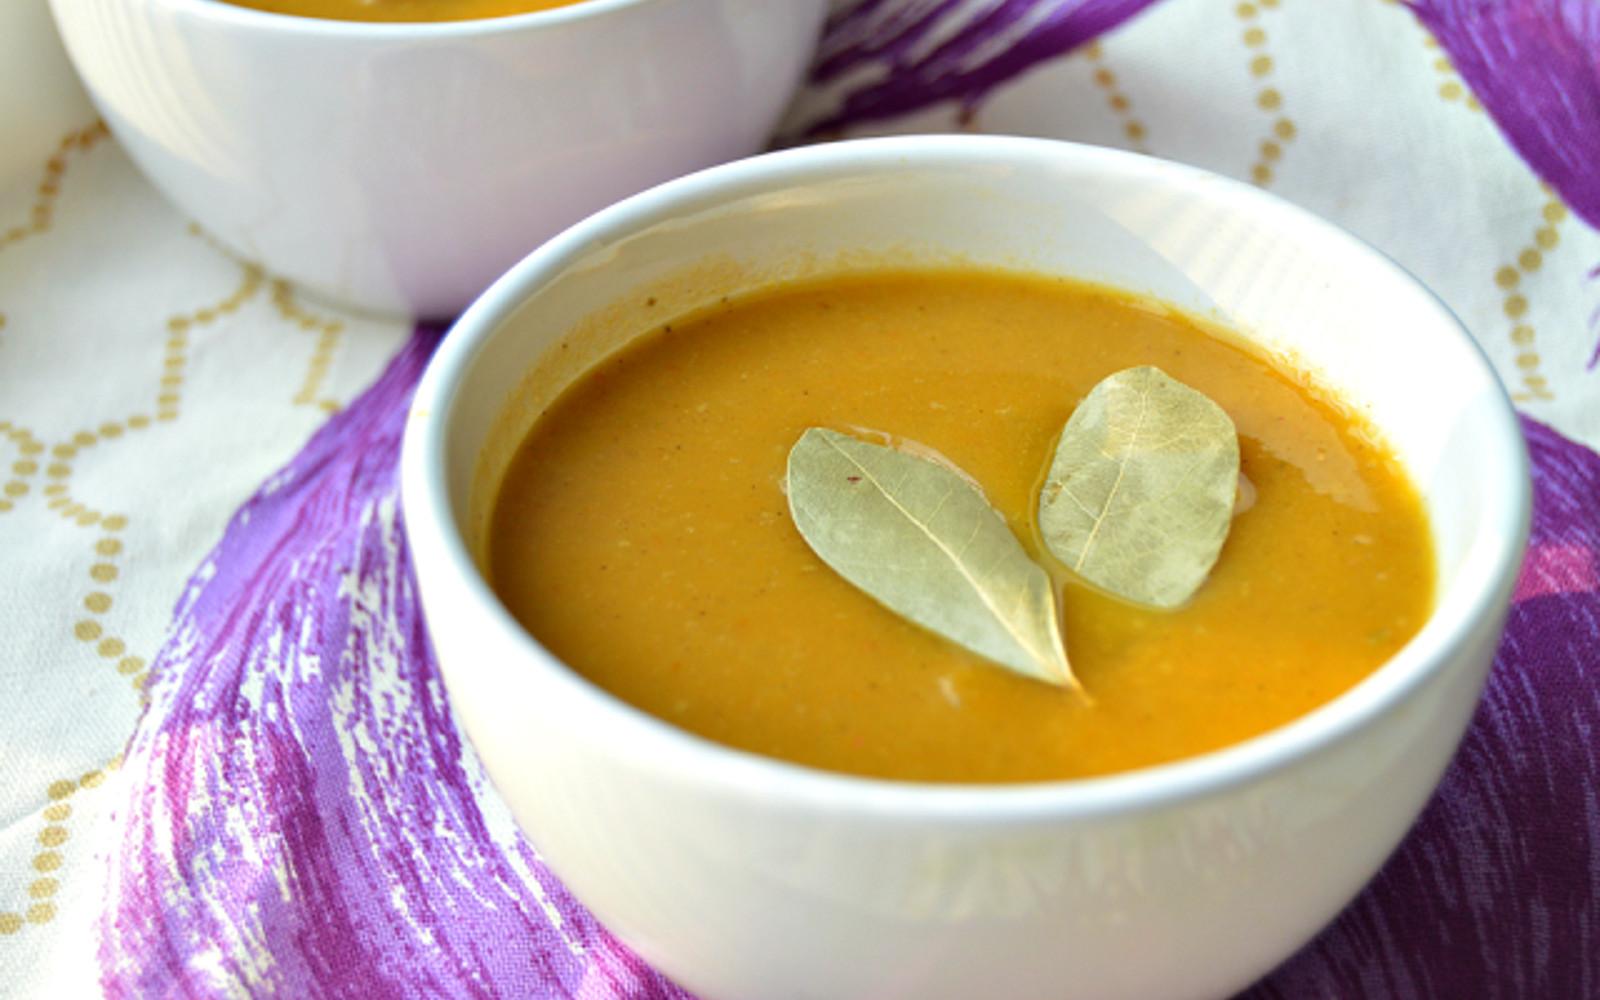 Savory Pumpkin and Celery Soup